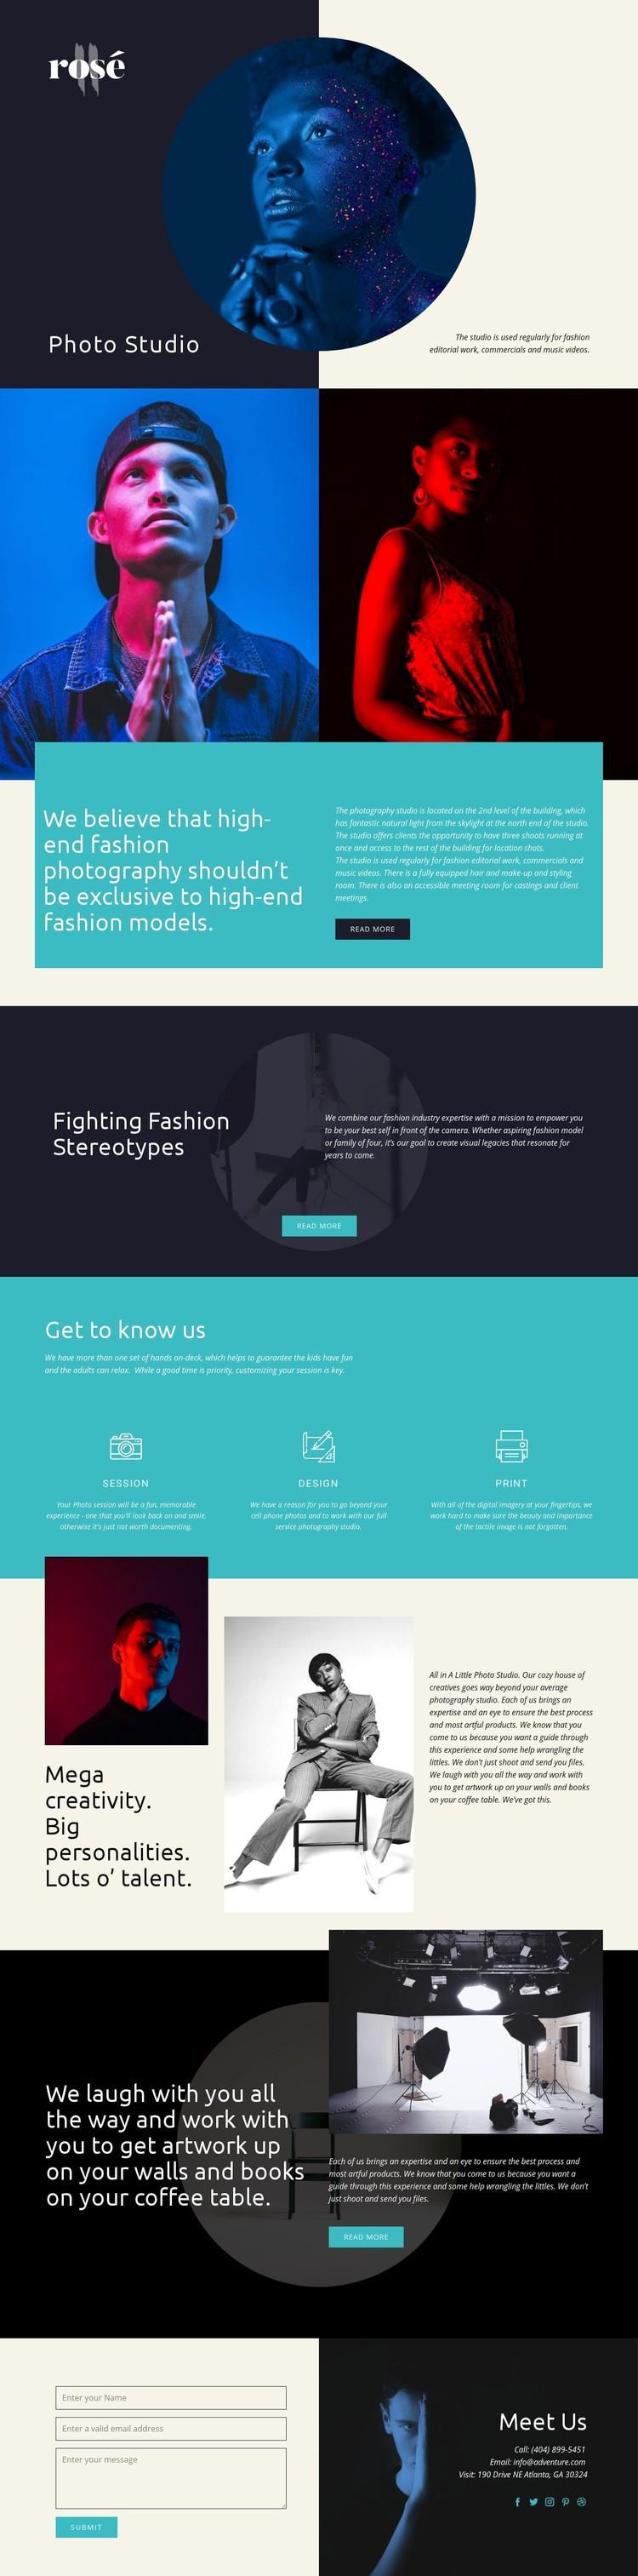 Rose Website Creator